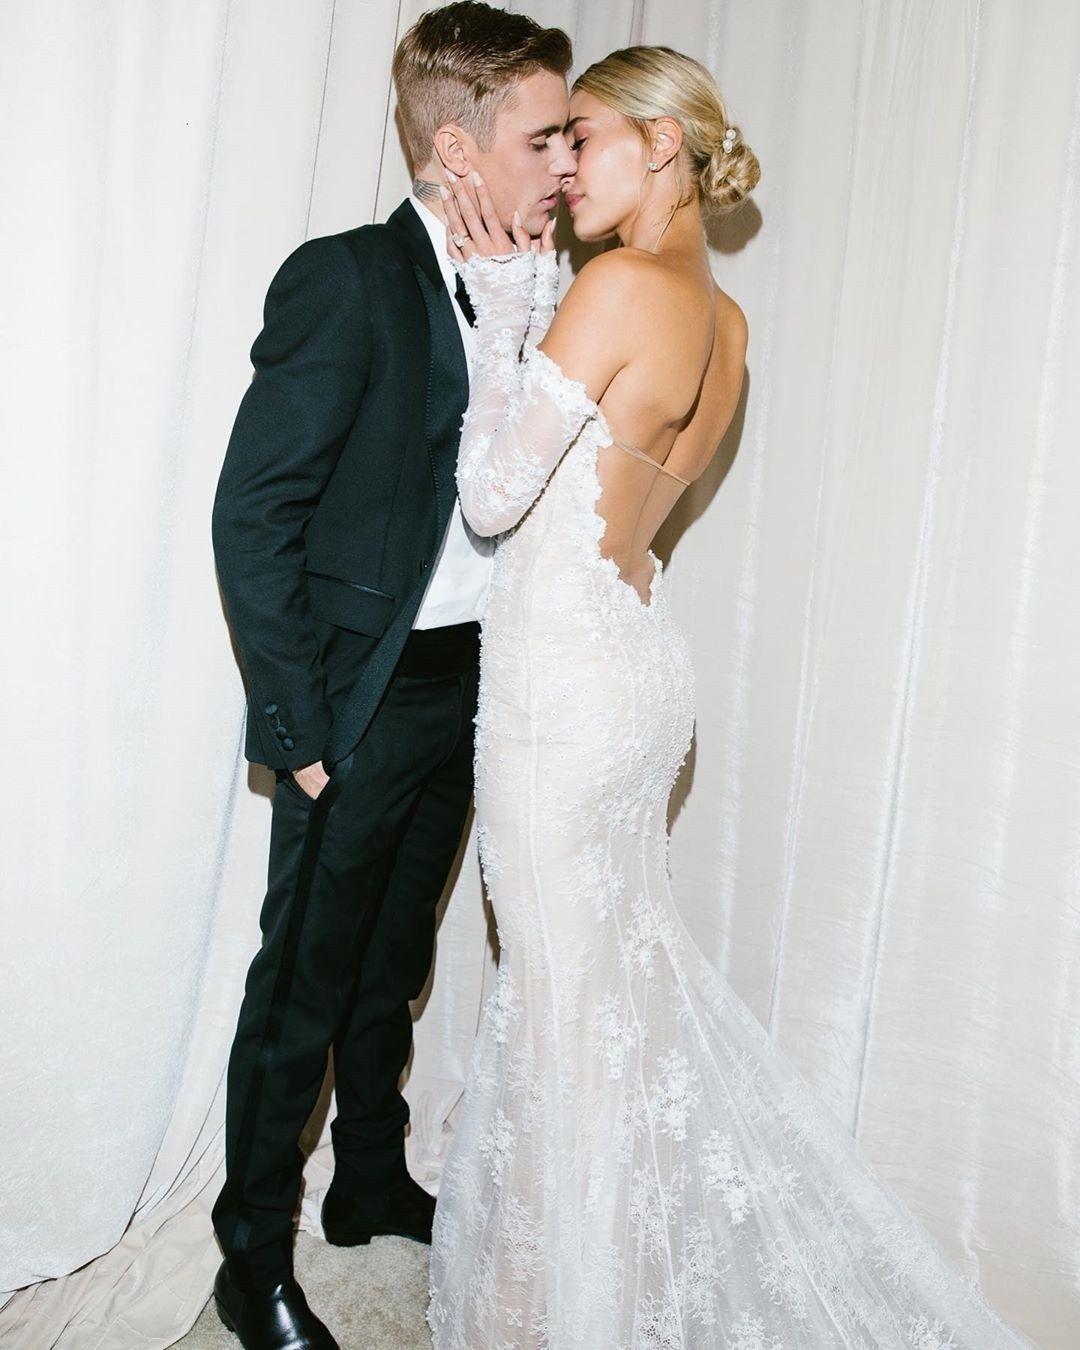 ヘイリー ビーバーのウエディングドレス ヴァージル アブローによるオフホワイト ウェディングドレス レース 夢のウェディングドレス 花嫁